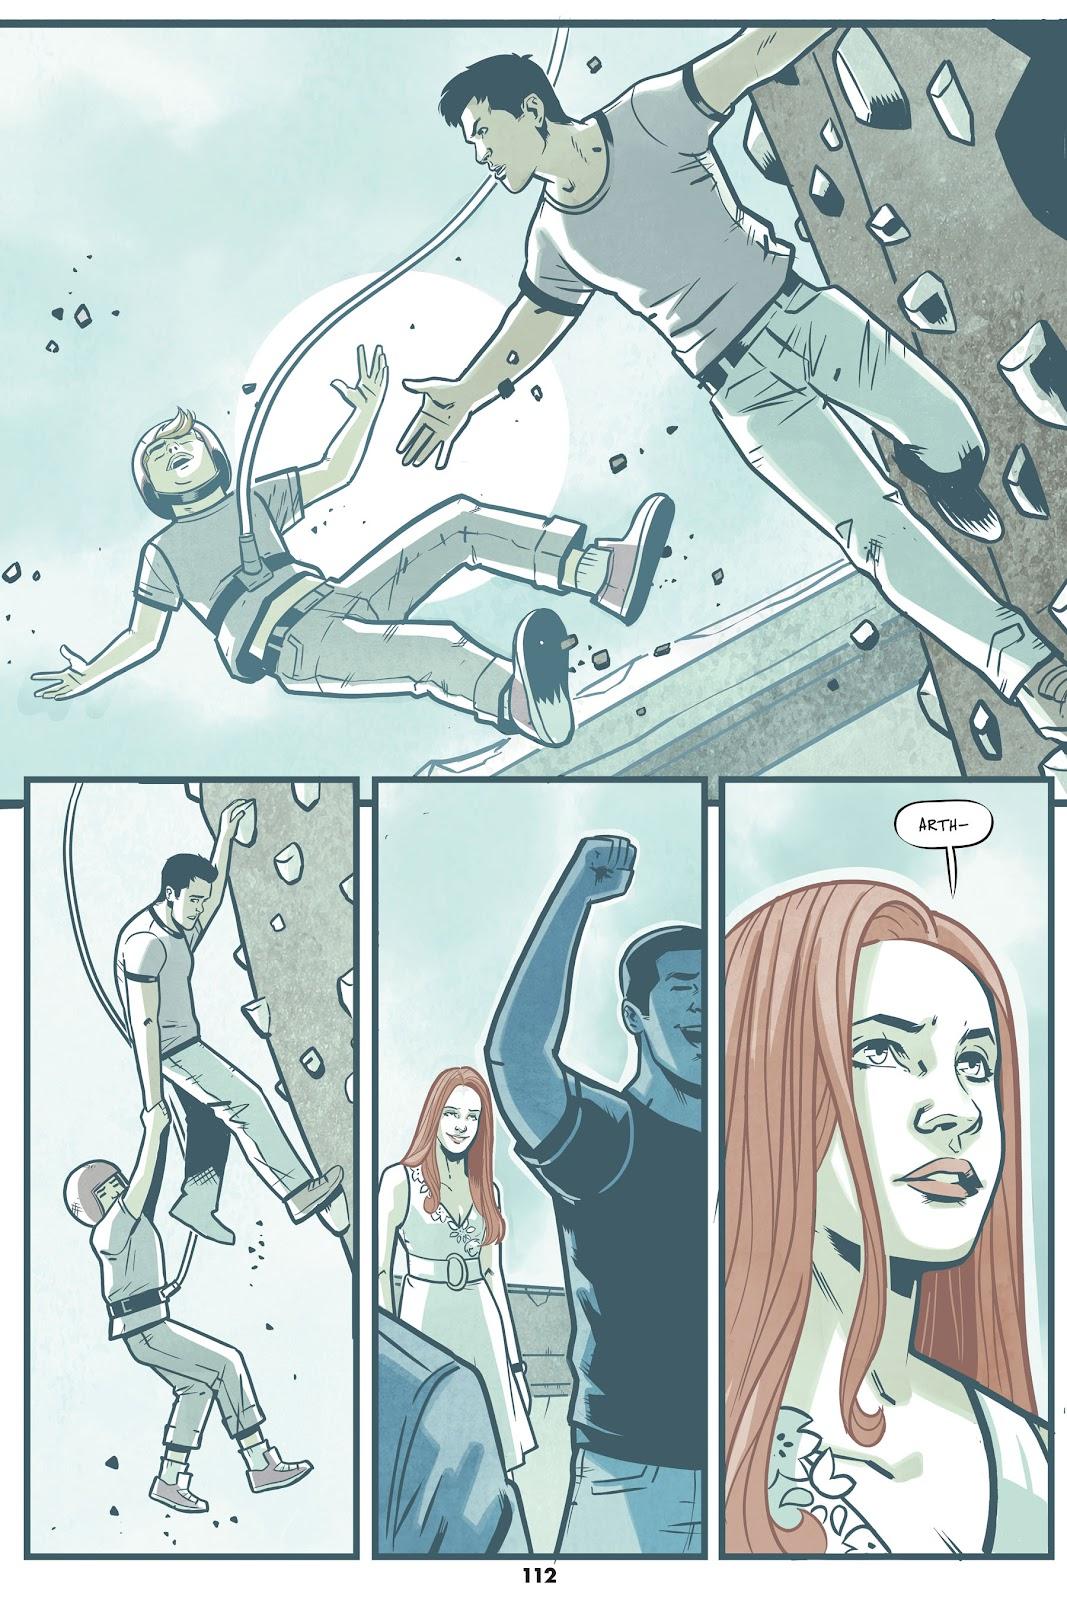 Read online Mera: Tidebreaker comic -  Issue # TPB (Part 2) - 12